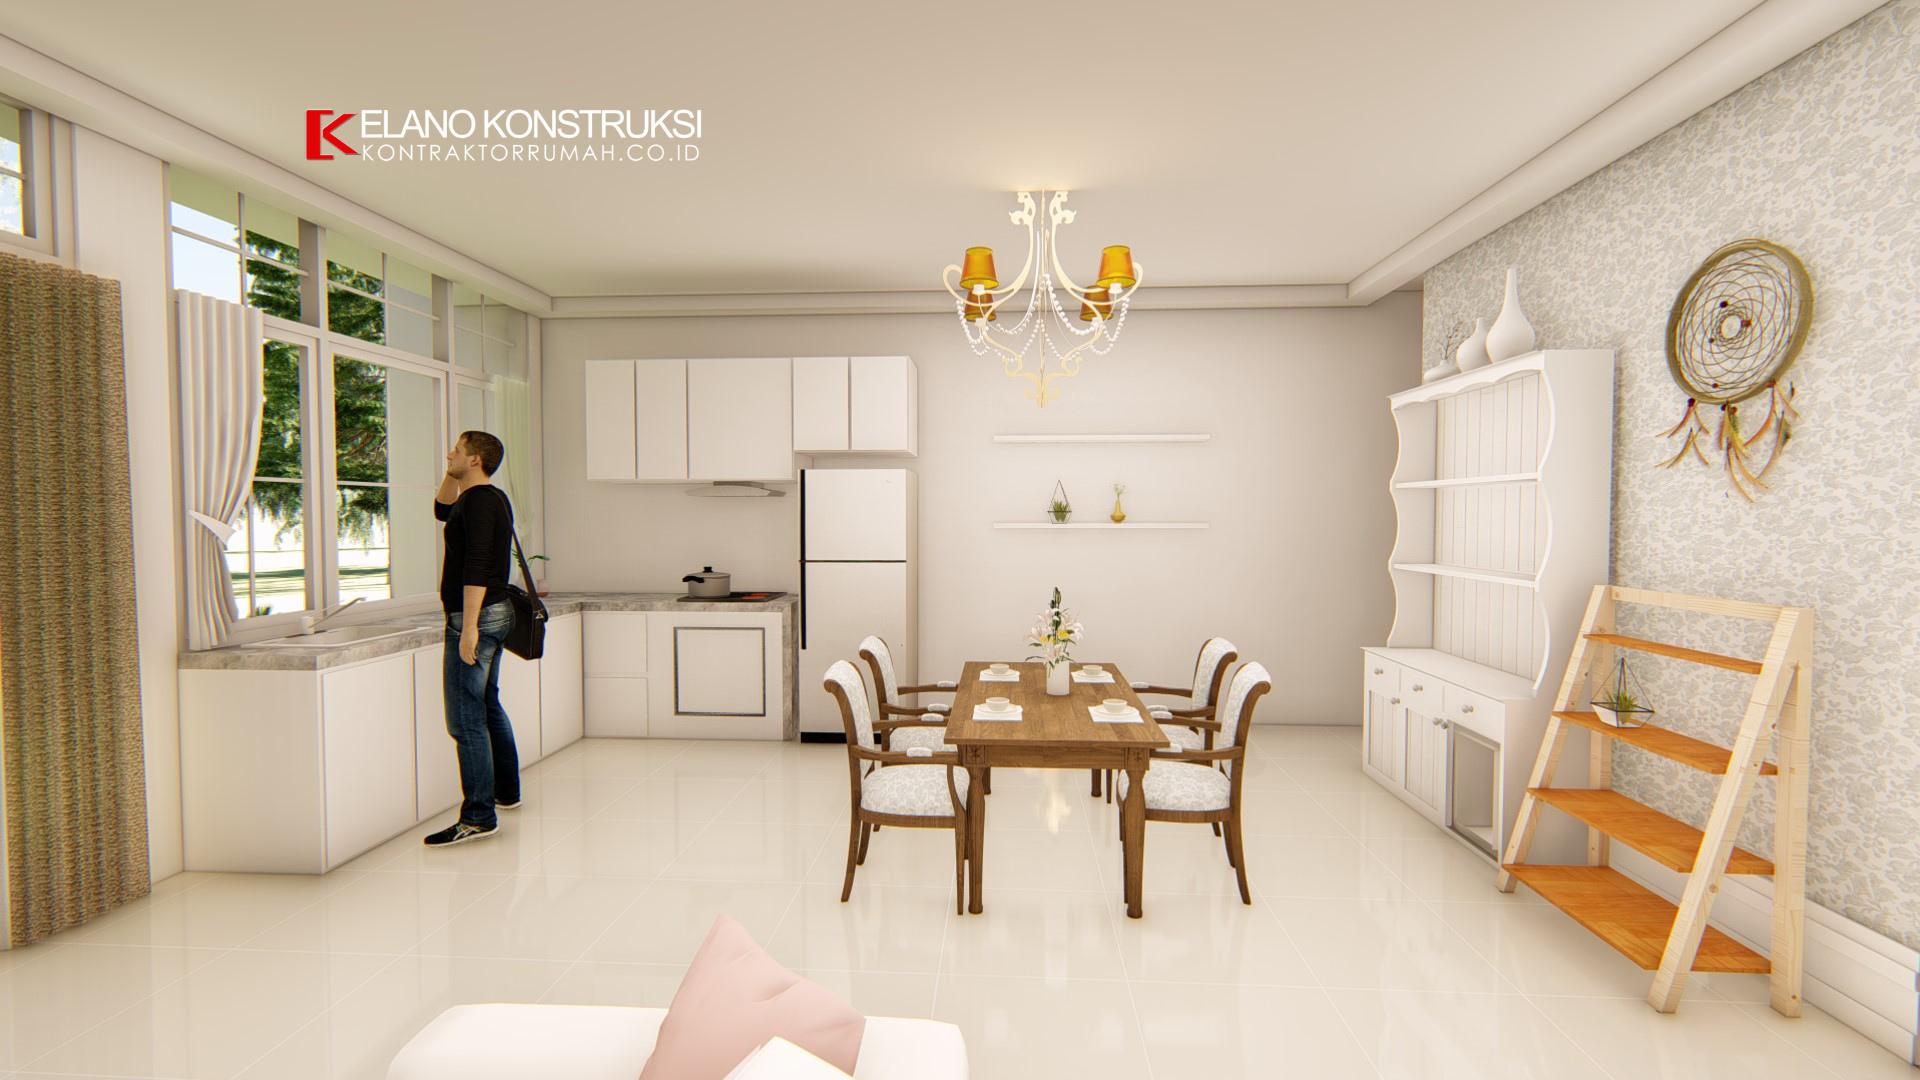 Untitled design 14 - Desain Interior Rumah shabby chic Bapak Wawan 250 M2 Depok